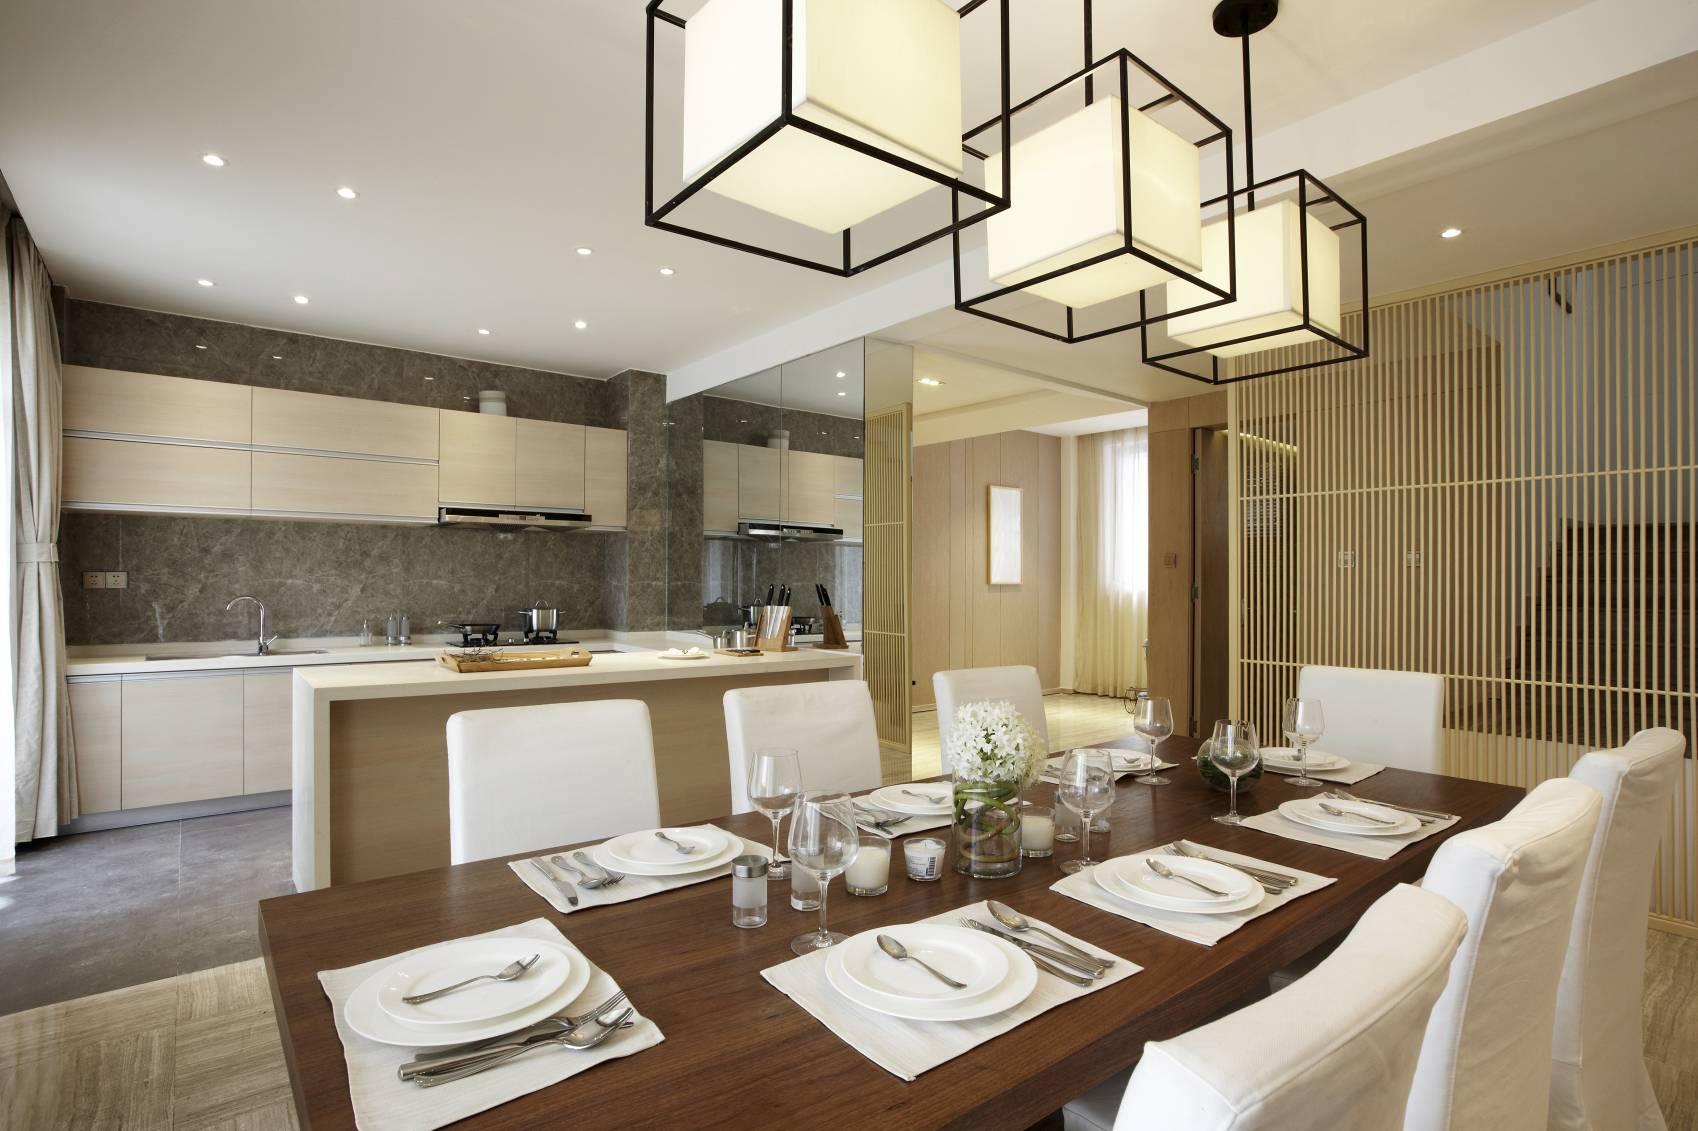 Choisir une table de salle manger for Table salle manger design